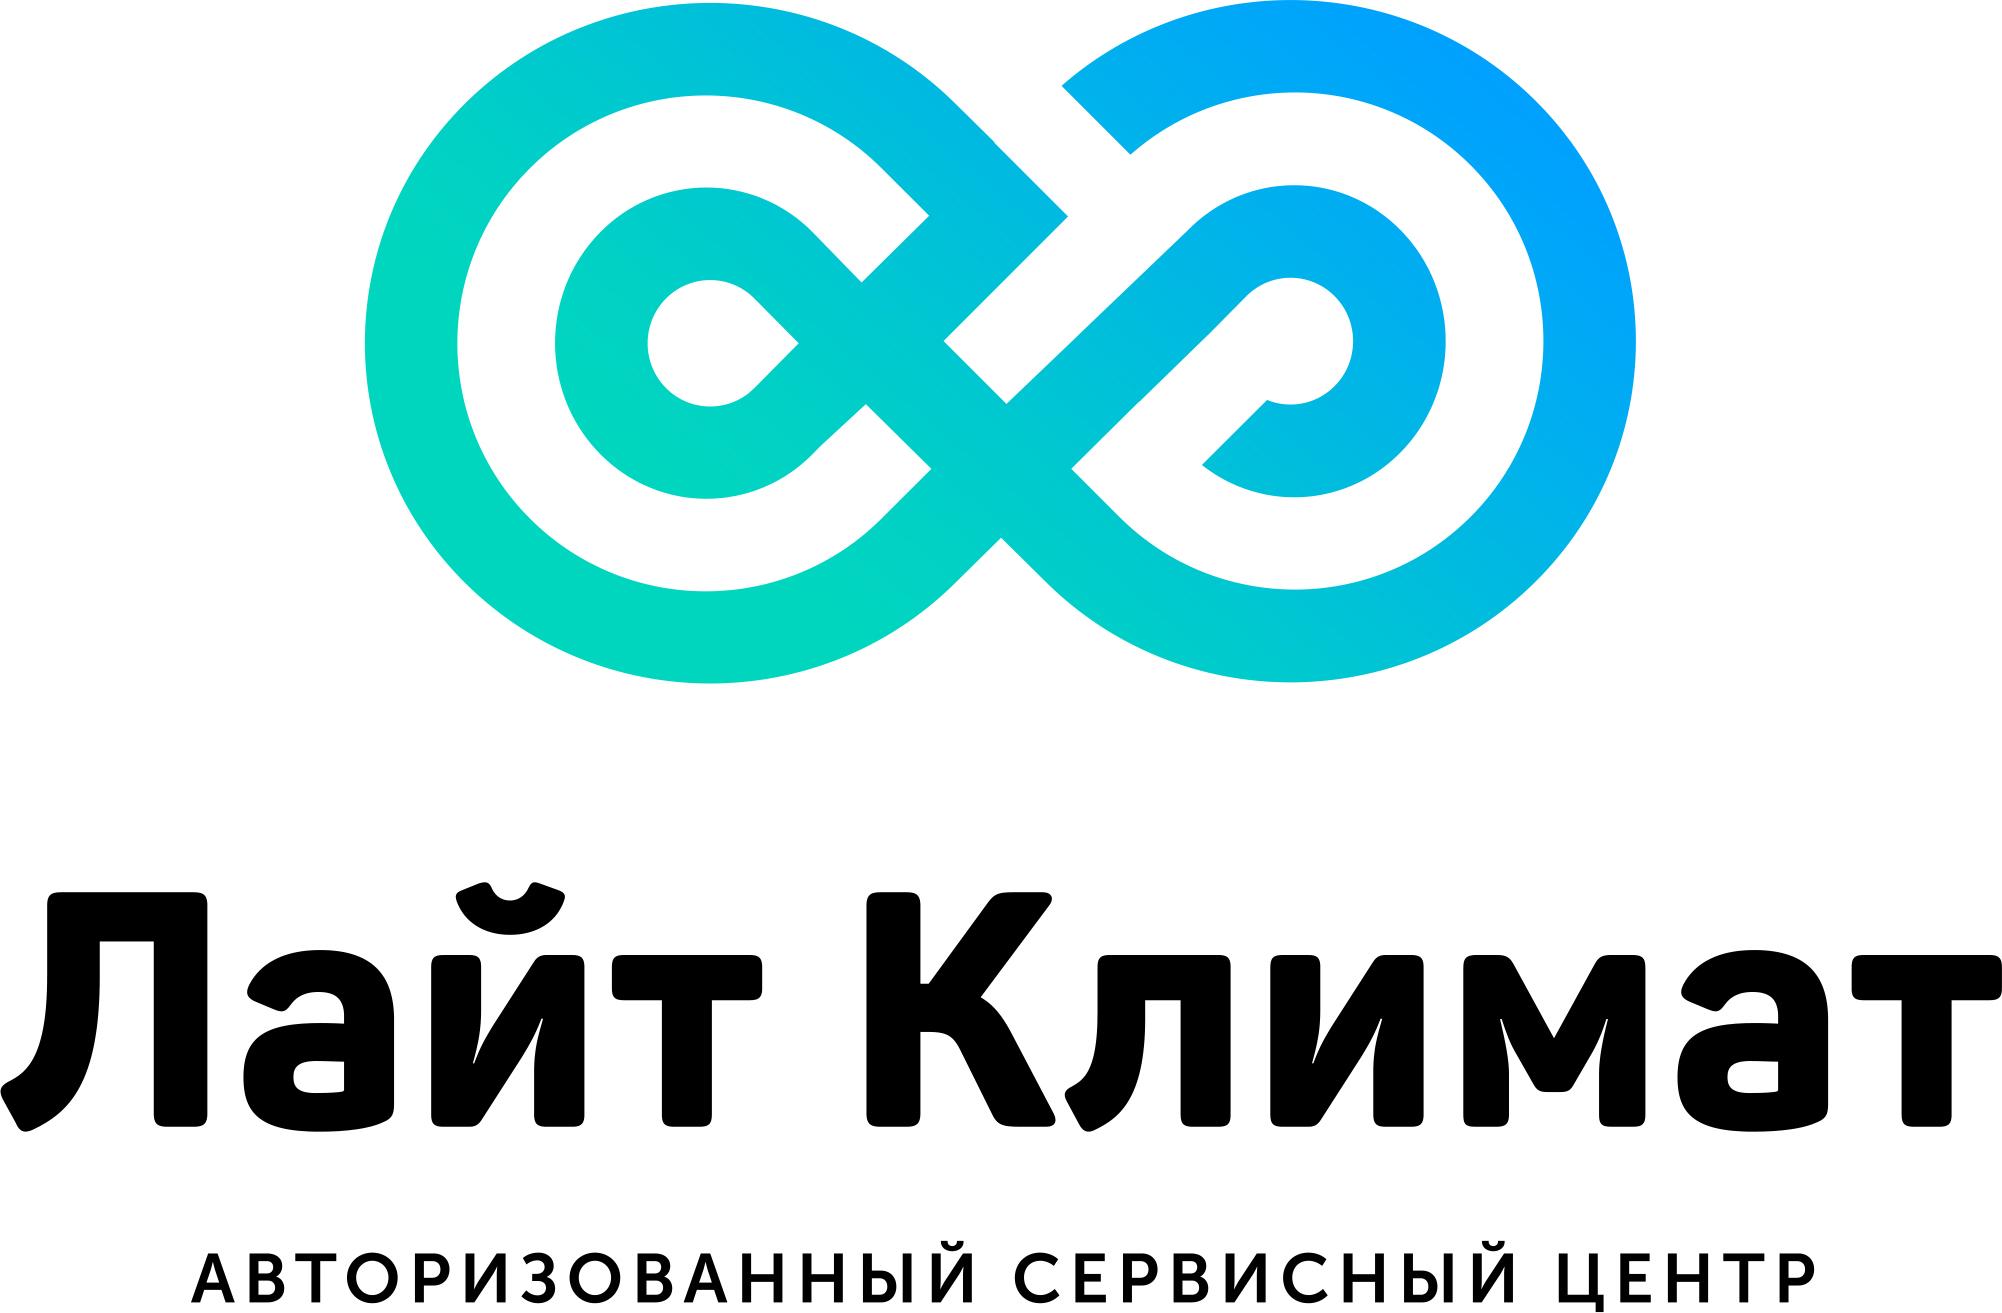 7b343977a4c6 Работа в сфере бытовой техники в Екатеринбурге - Работа66